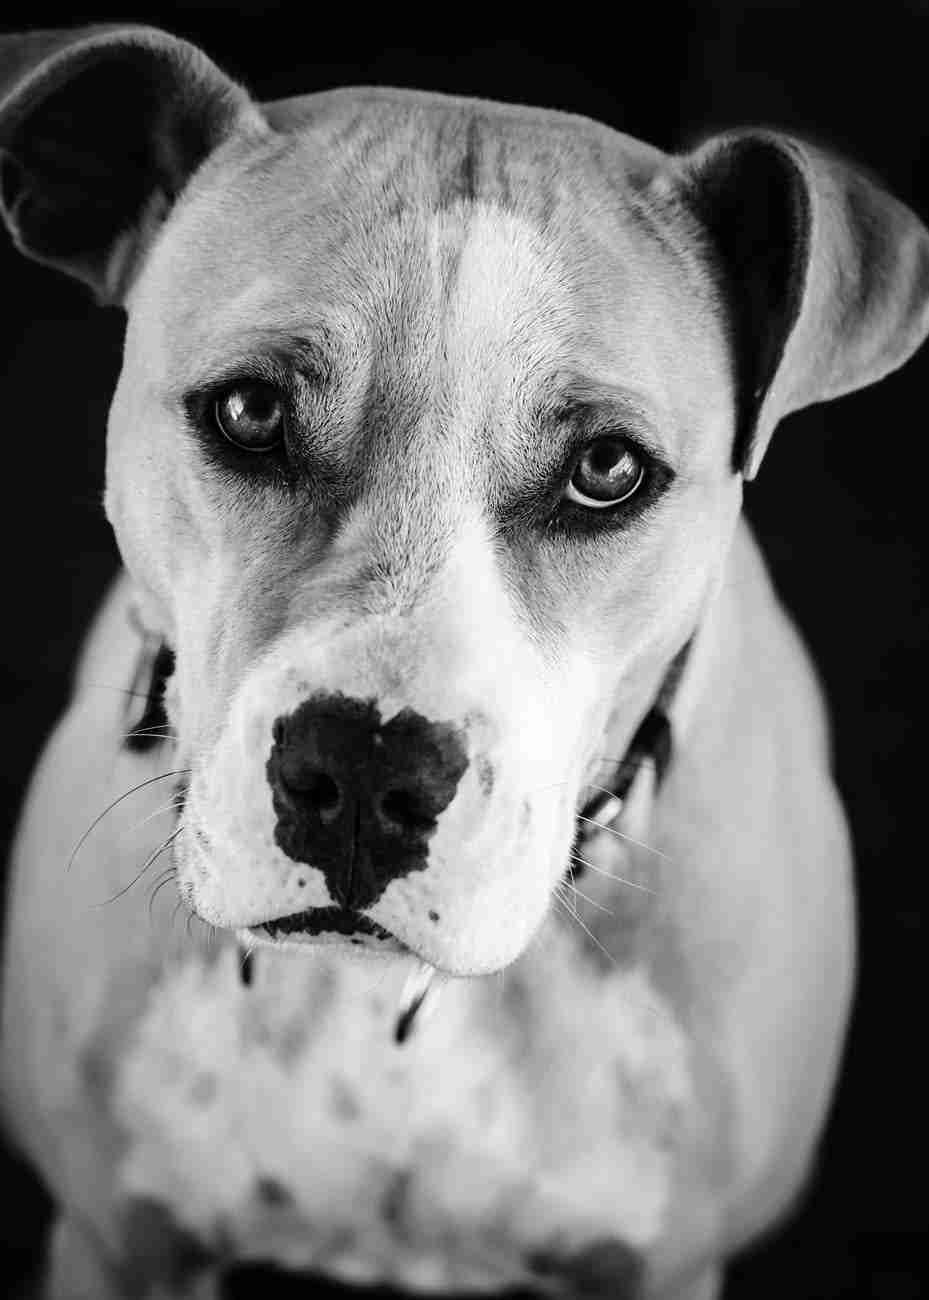 DK-Dogs84